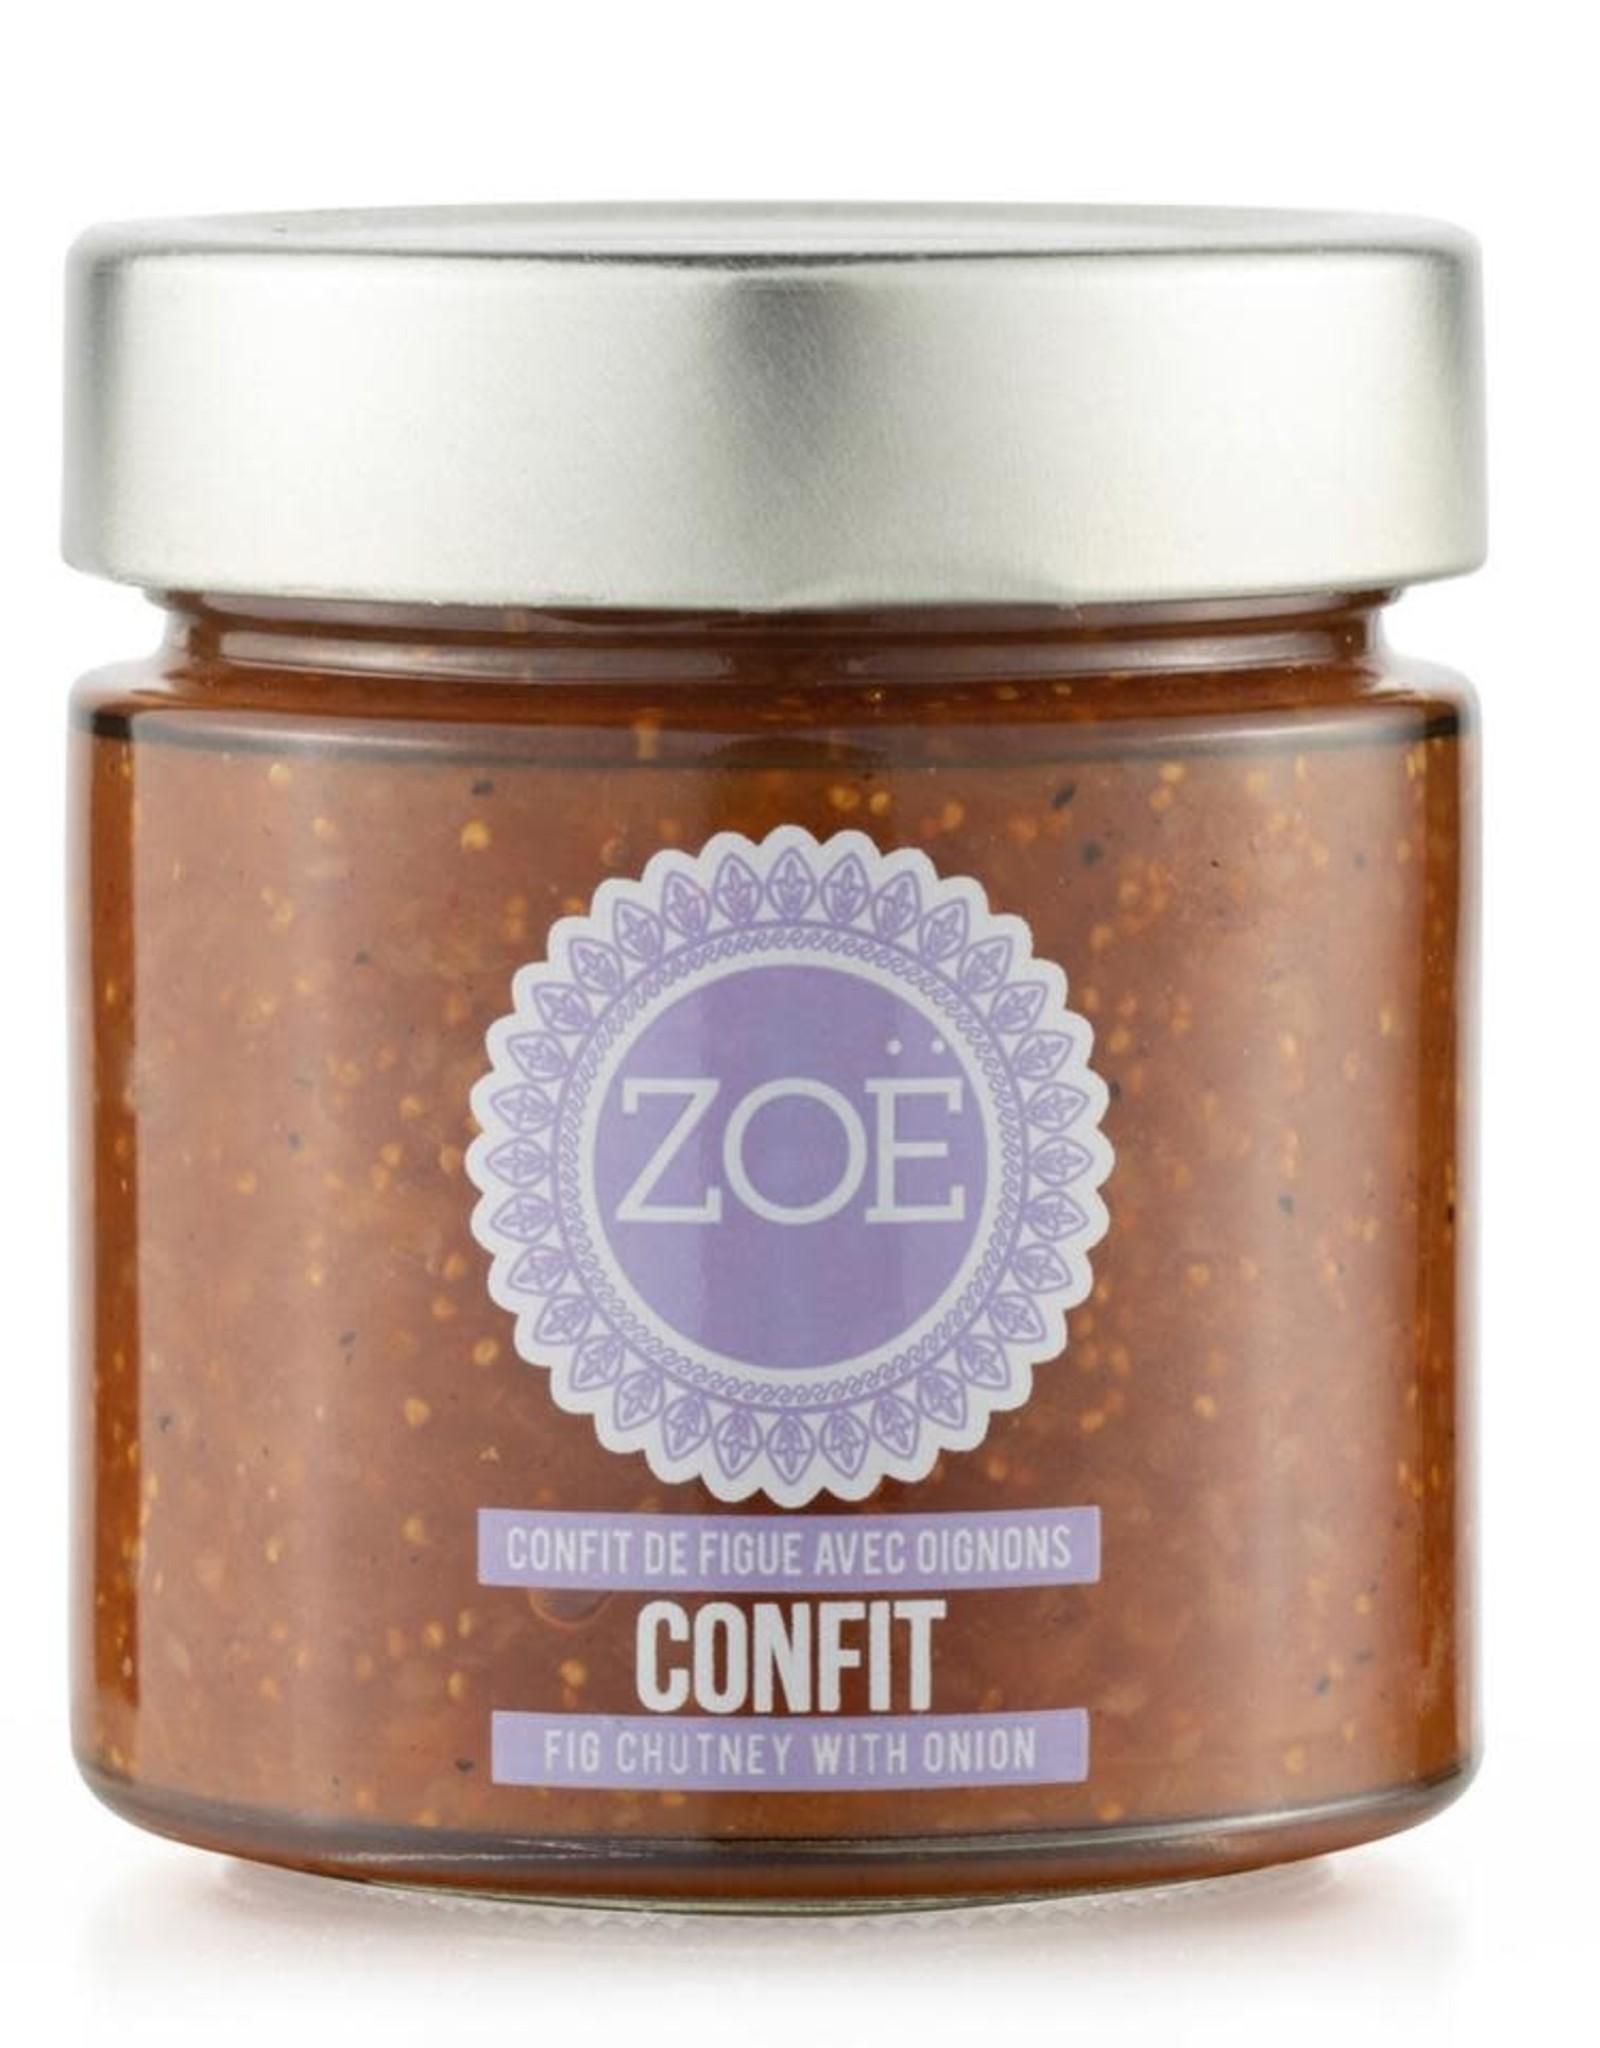 Zoé huile Confit de figues et oignons